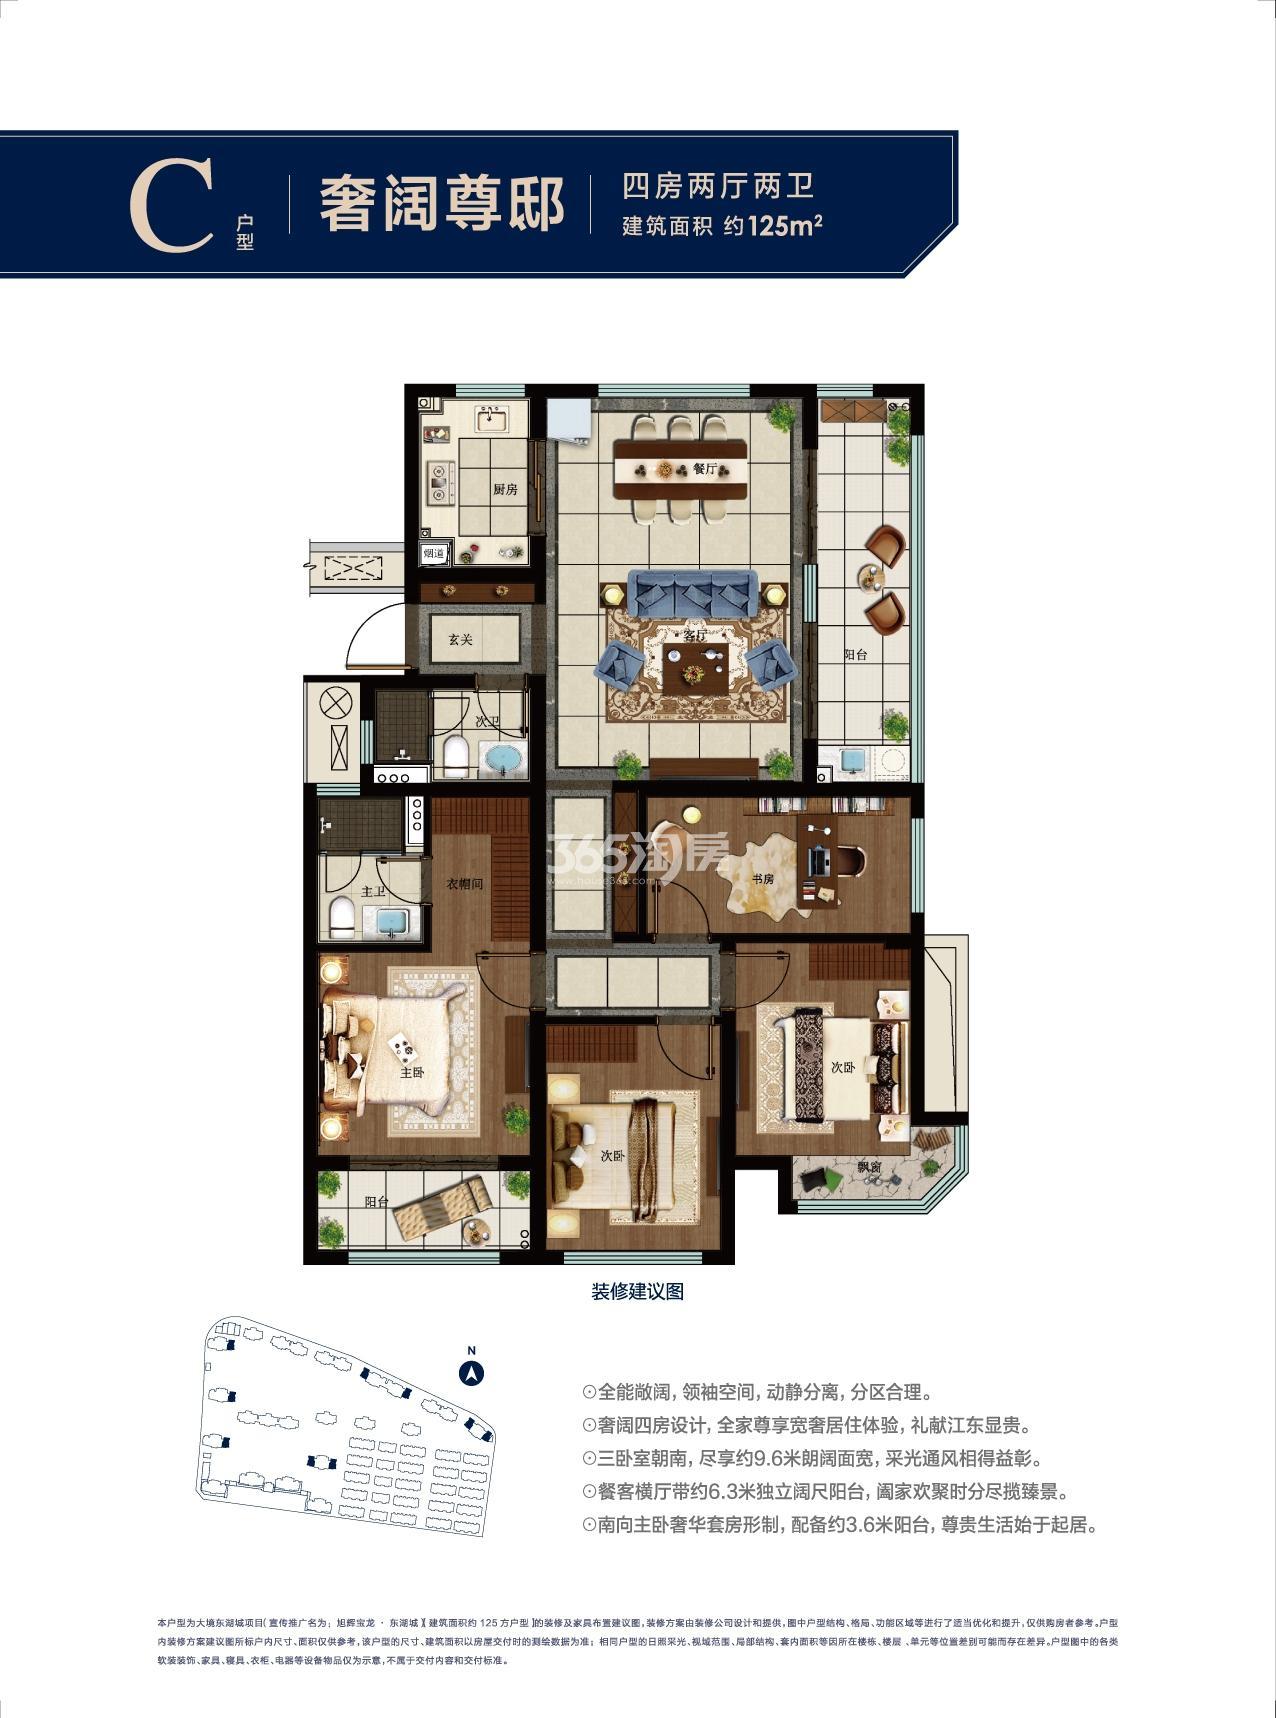 旭辉宝龙东湖城C户型125方户型图(37、39#)